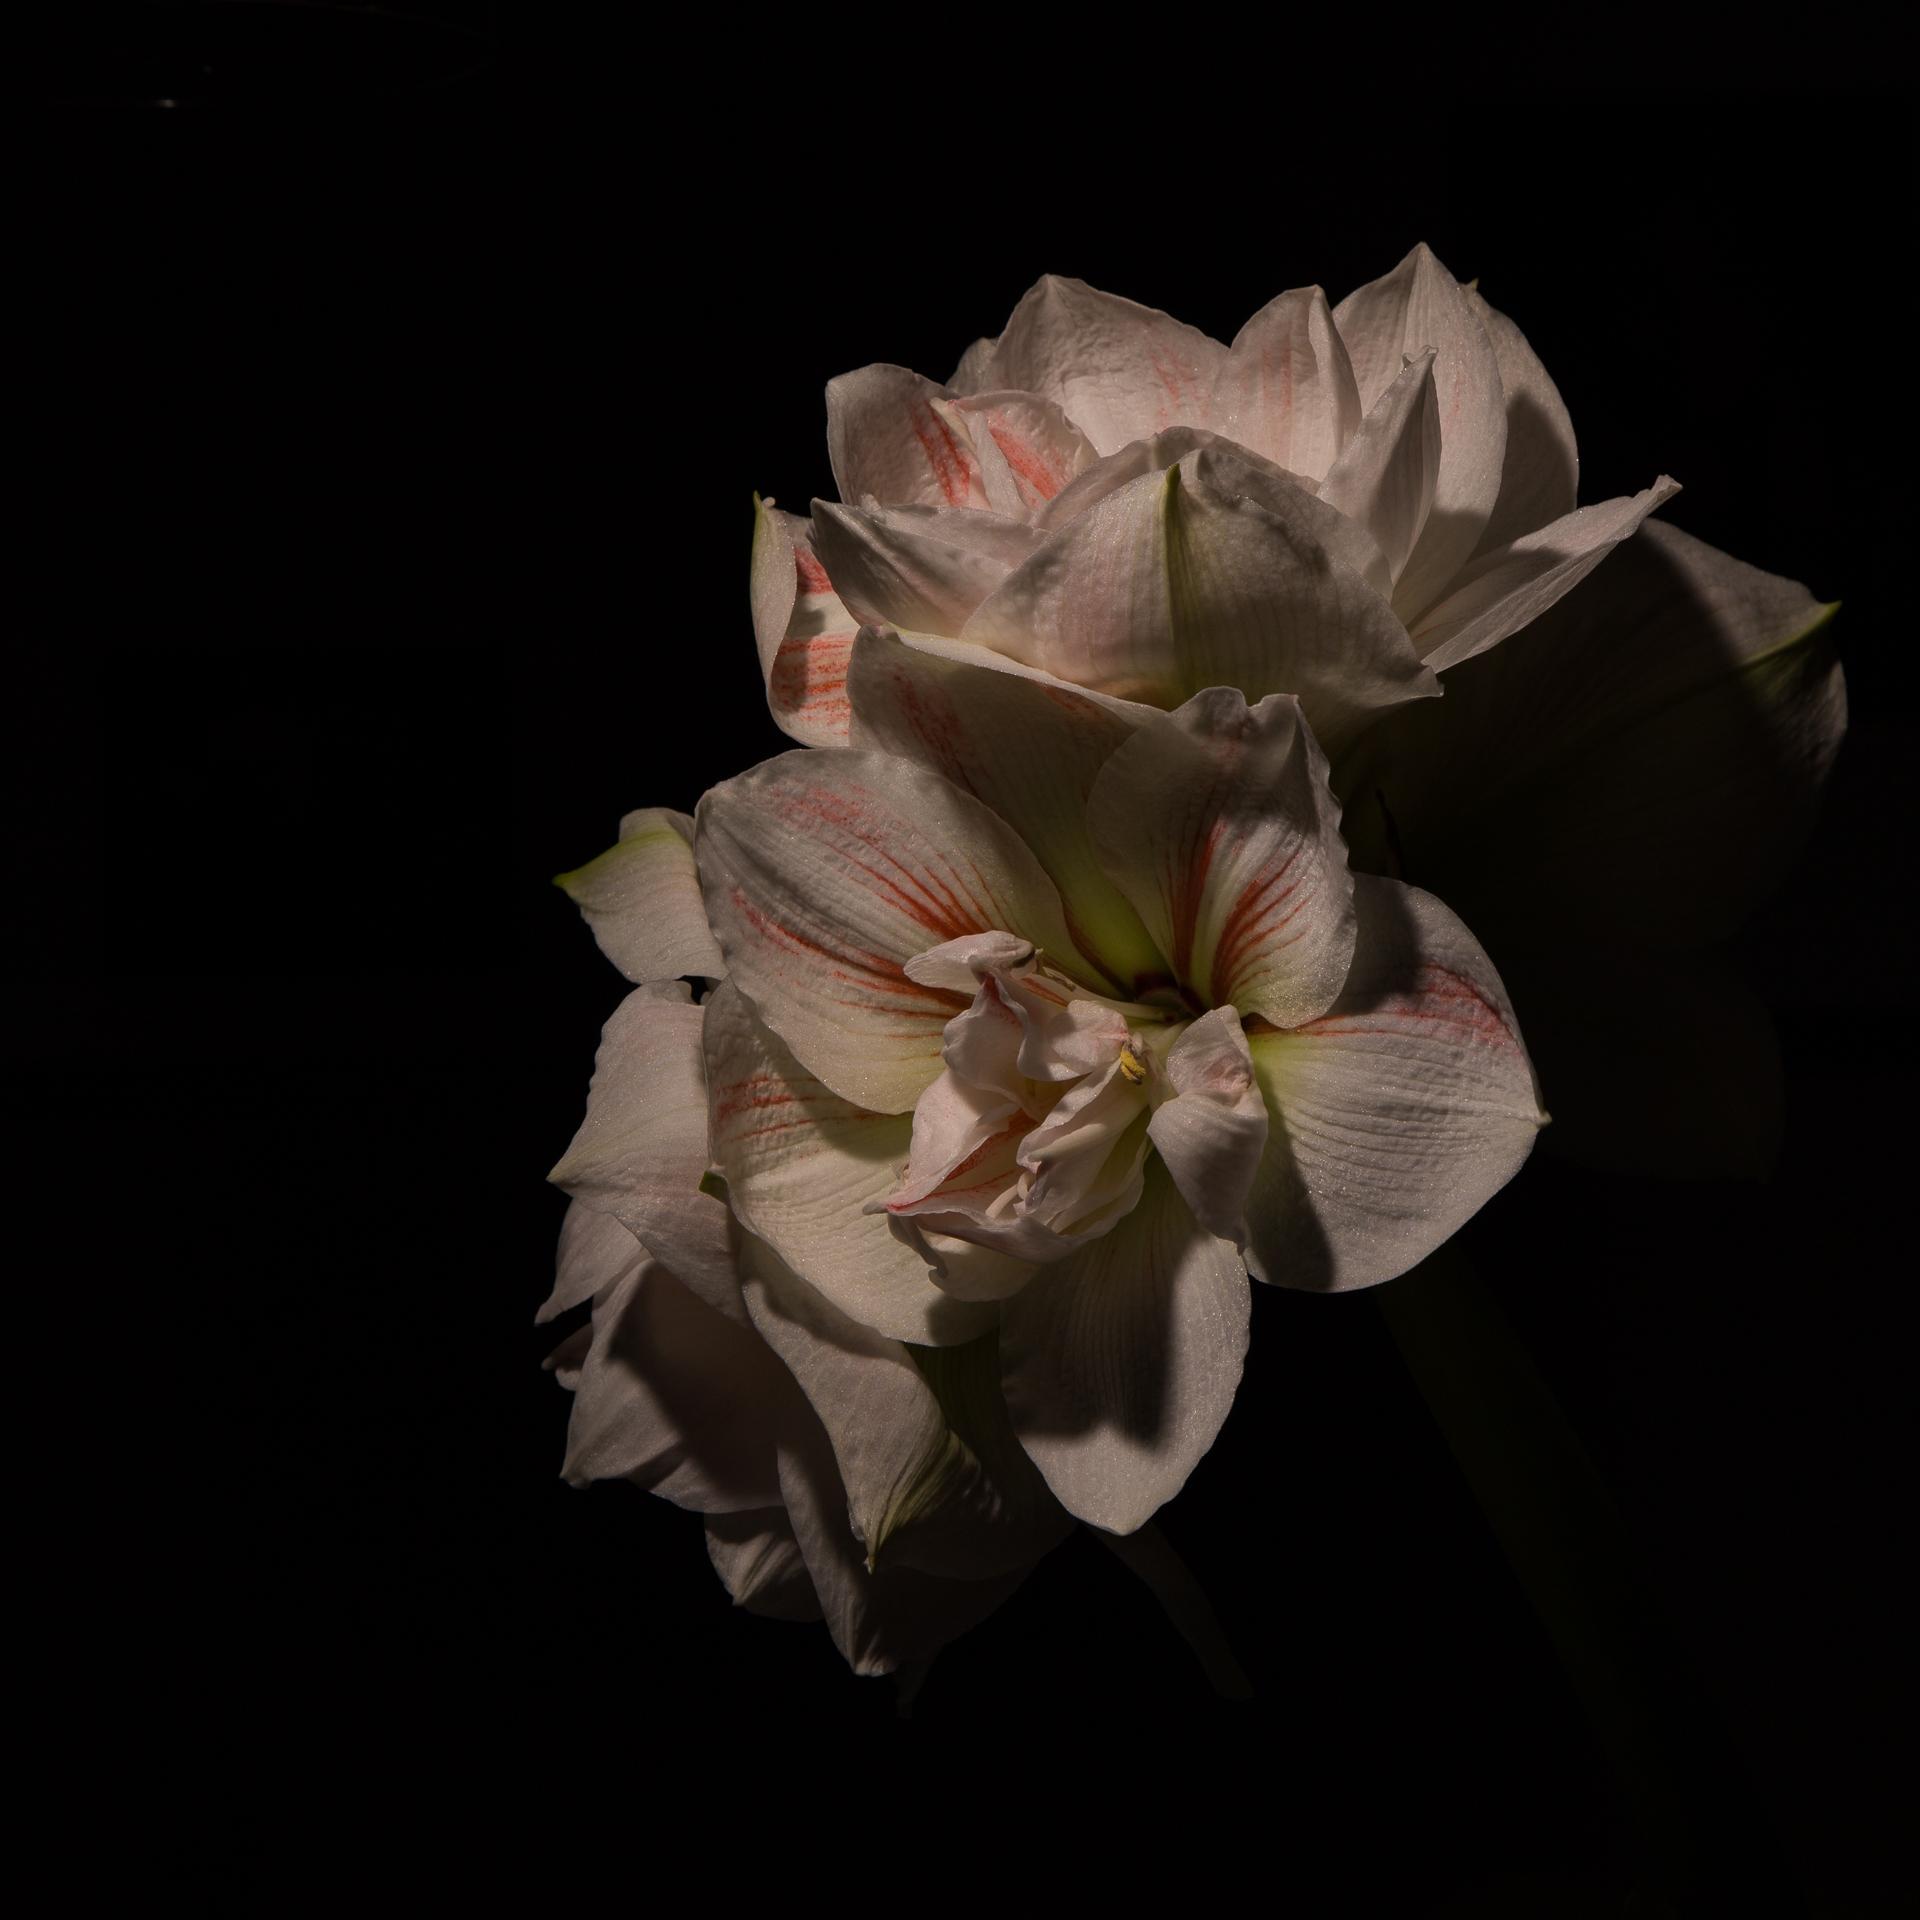 Amaryllis med mörk bakgrund